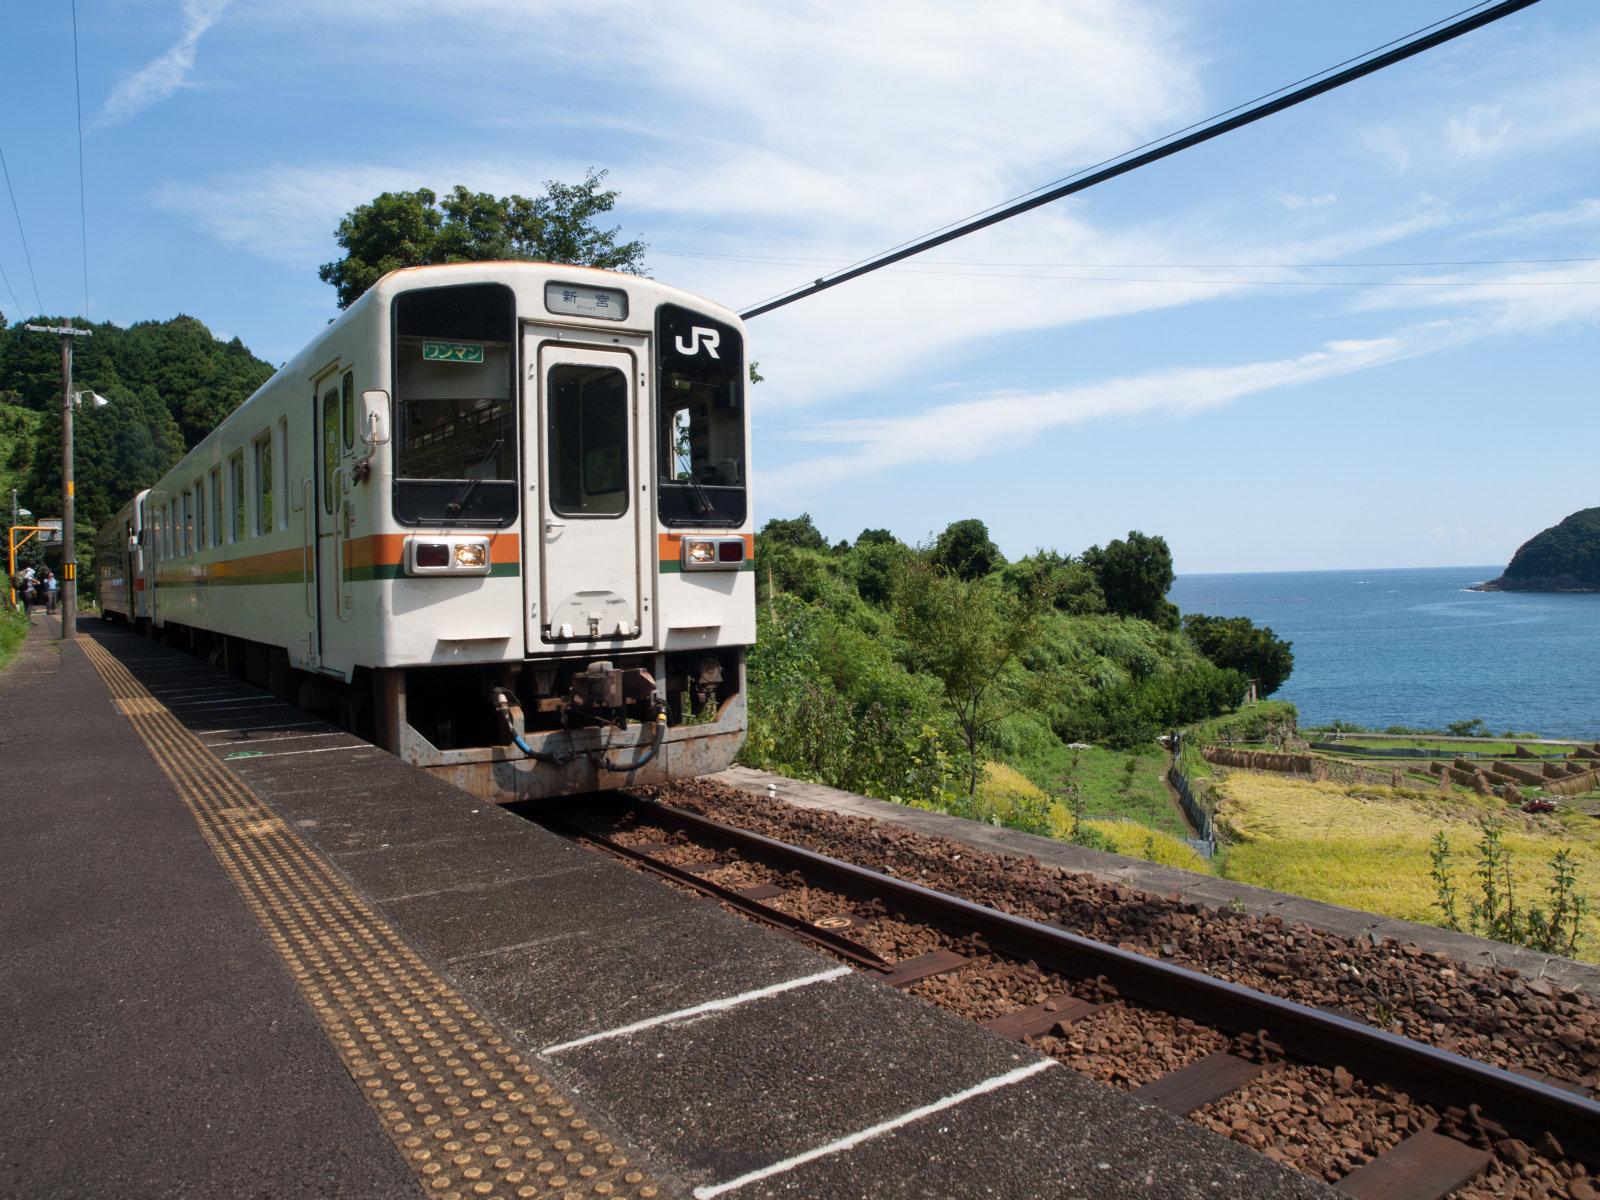 秋晴れの下、2時間に1本の列車がやってきました。